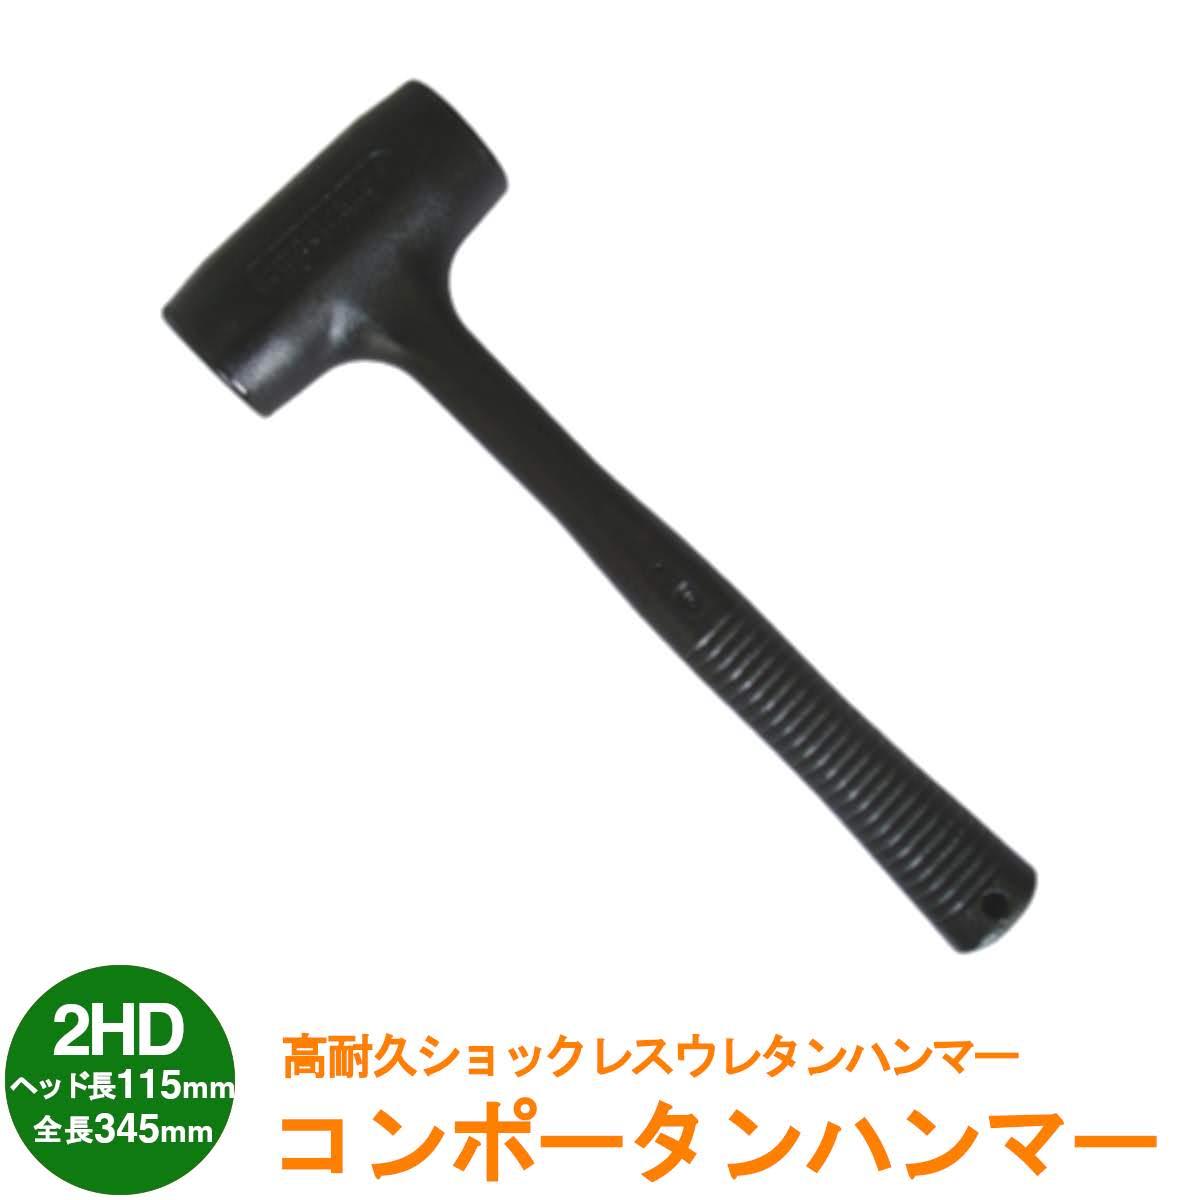 コンポータンハンマー 前田シェルサービス 超耐摩耗製ウレタン ショックレスハンマー 2HD(1.5ポンド)